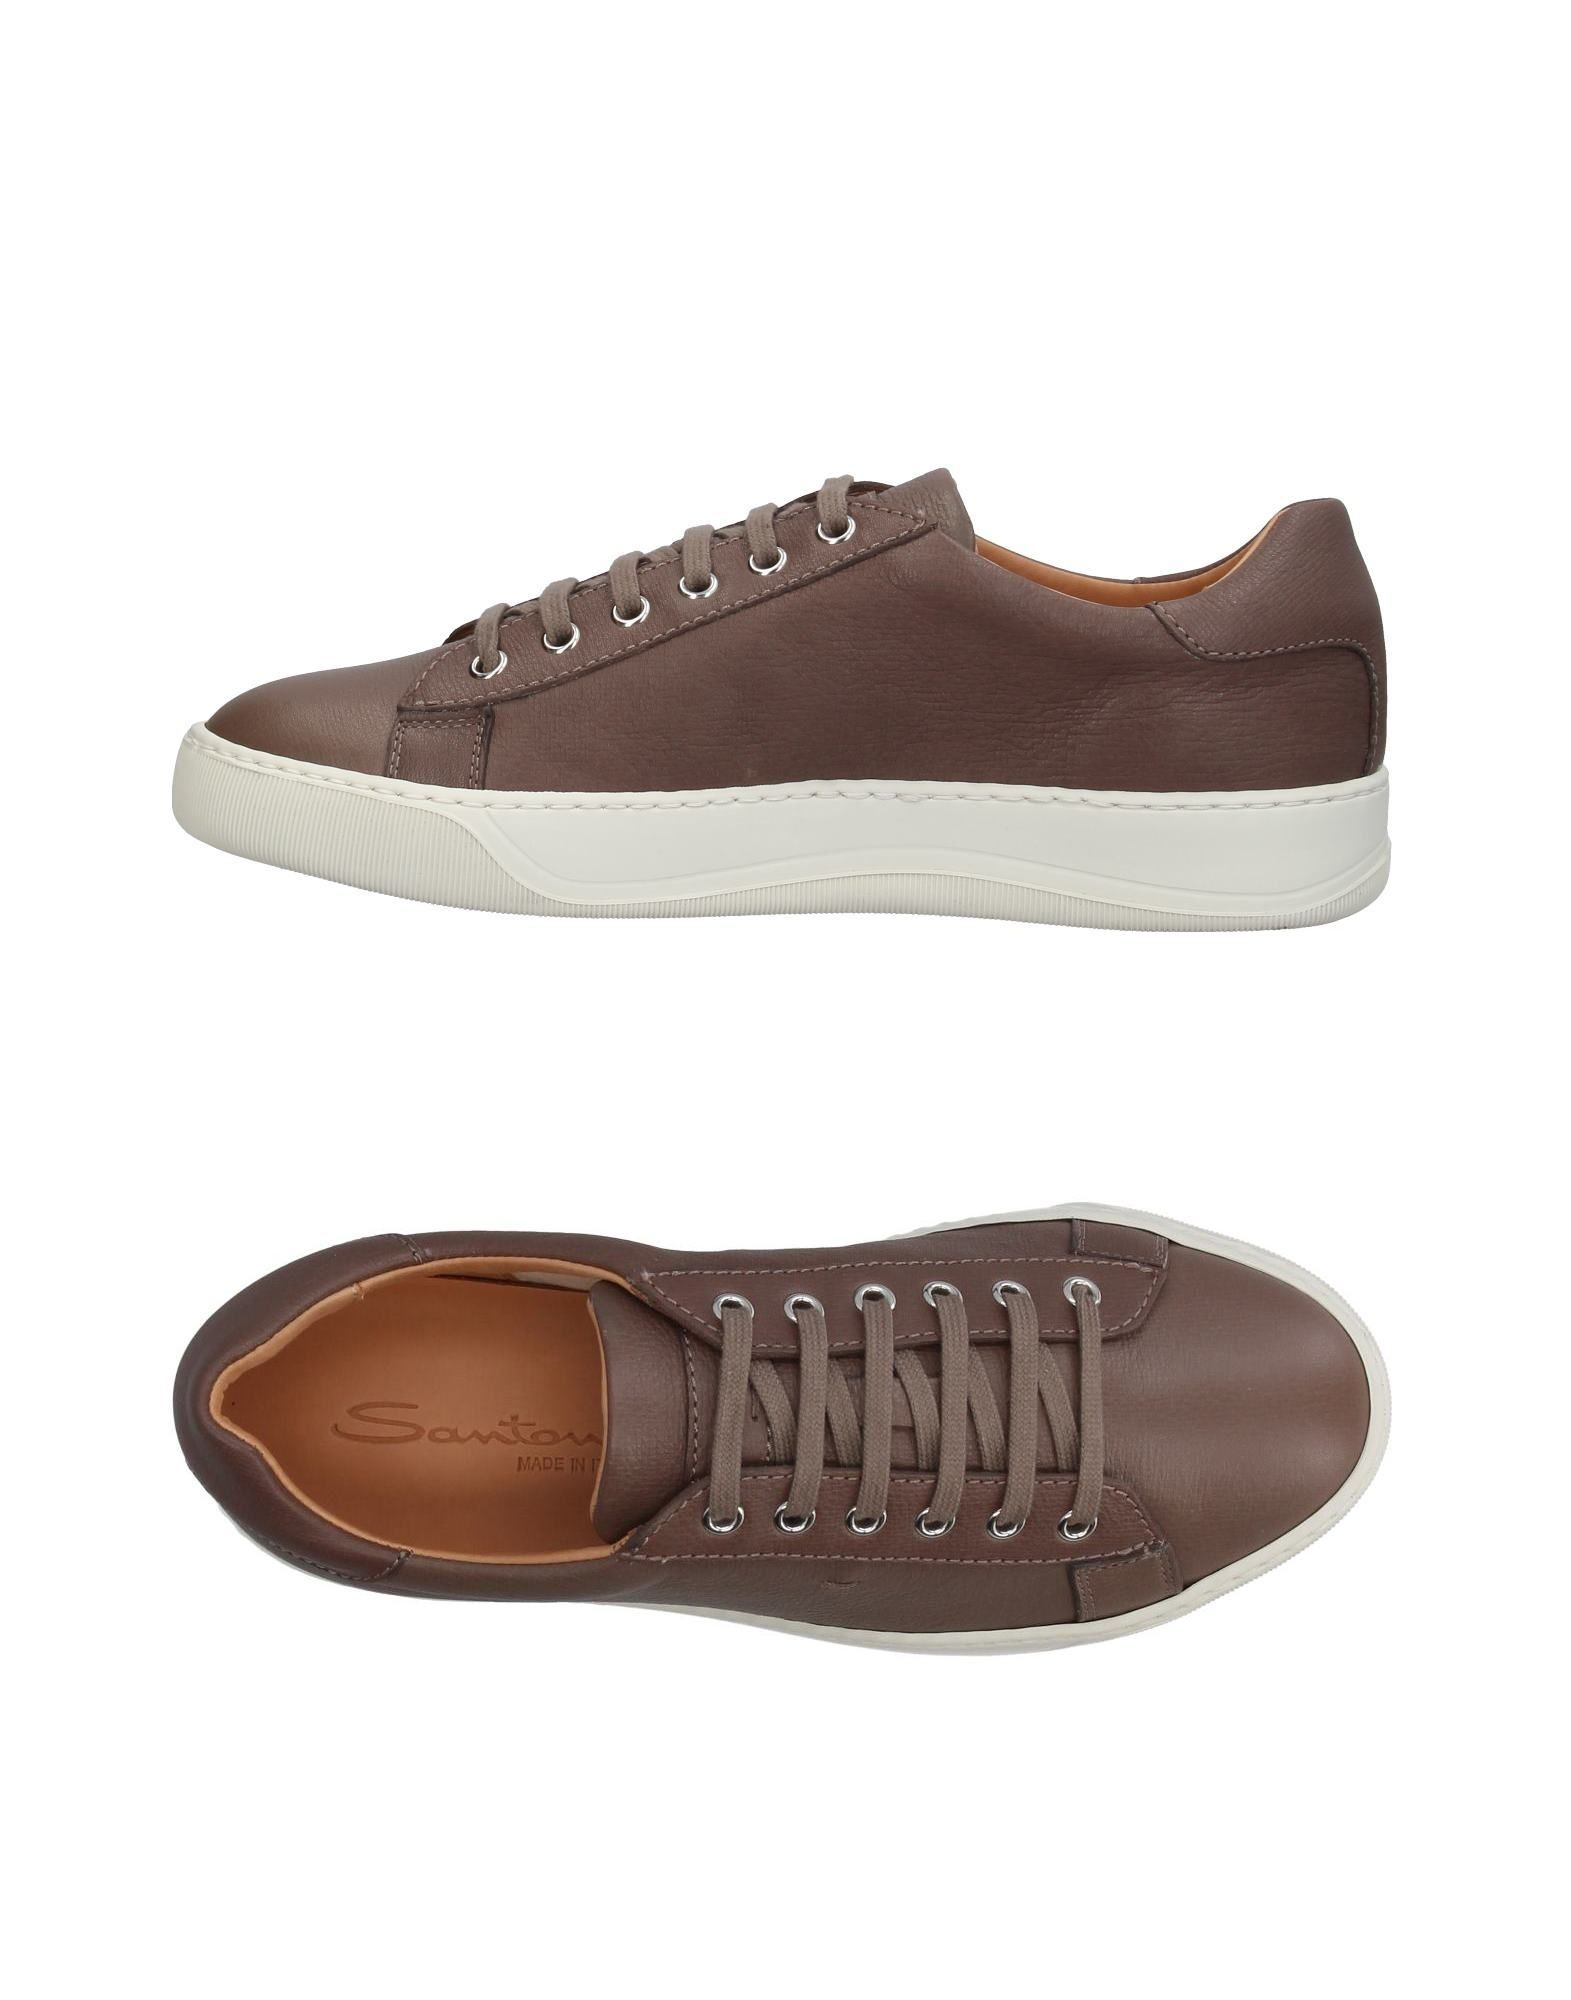 Santoni Sneakers Herren  11409644EO Gute Qualität beliebte Schuhe